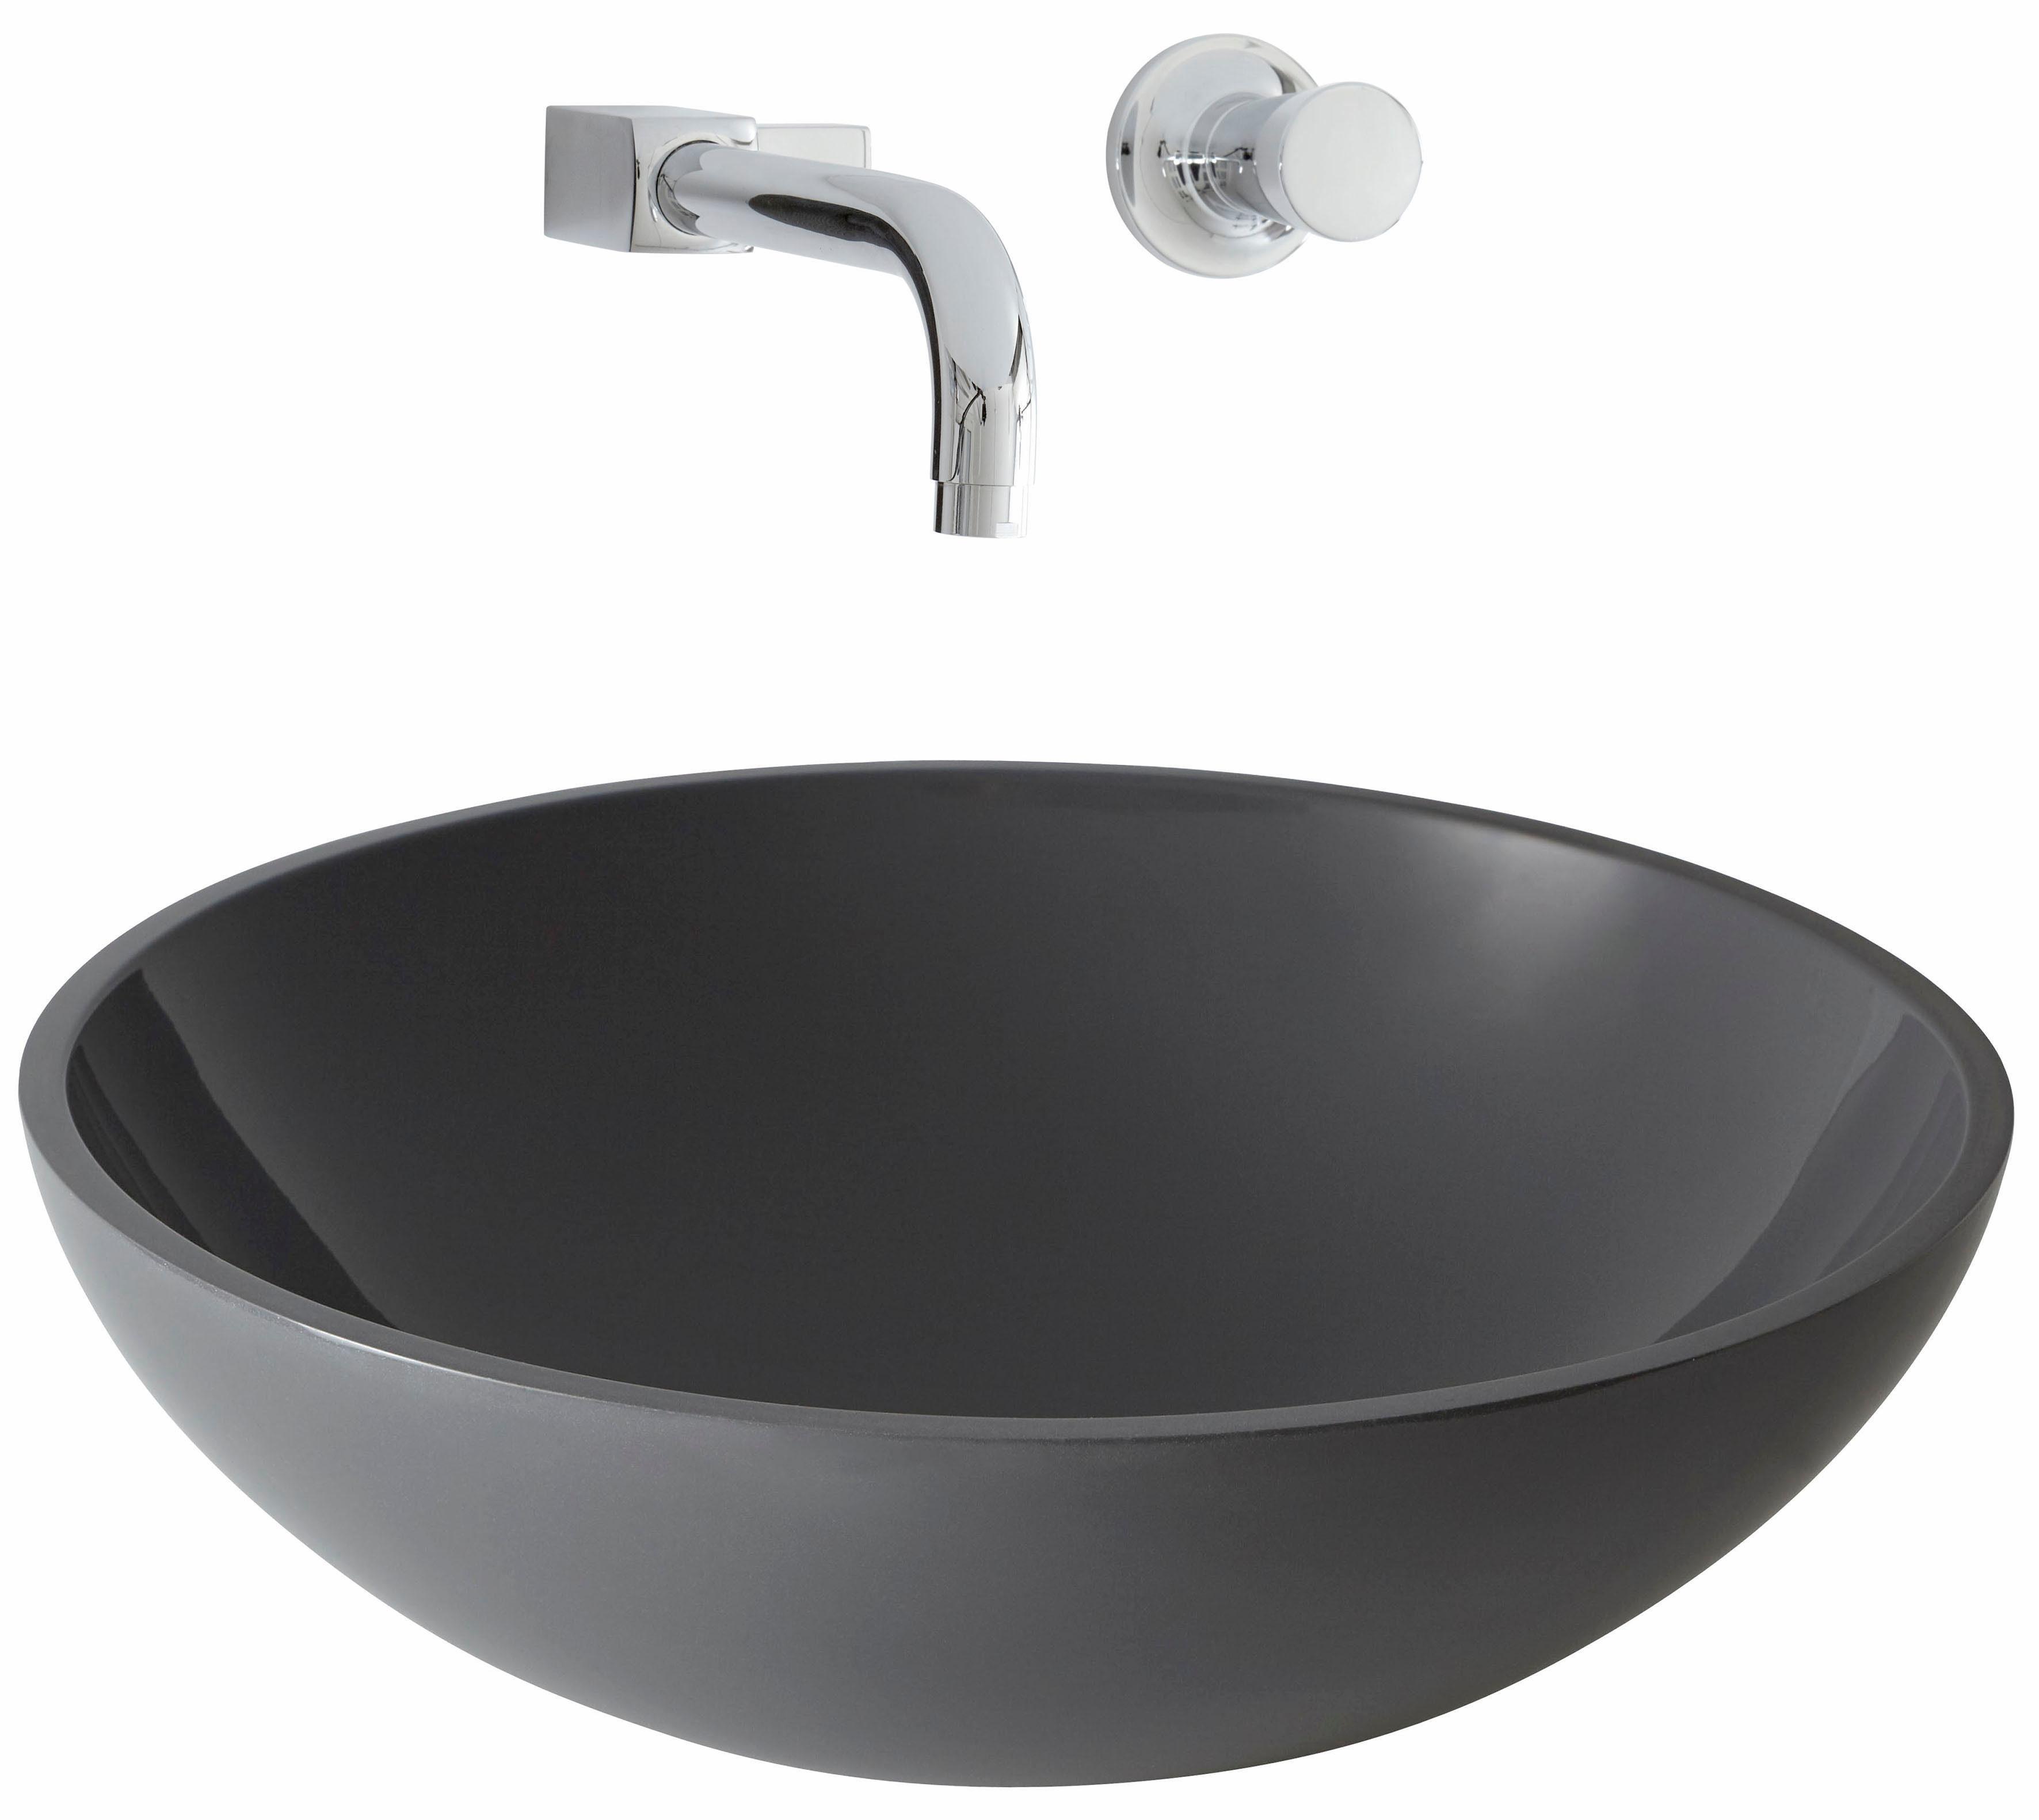 Aufsatzwaschbecken Grau Nero Badshop Aufsatz Glas Waschbecken Blau